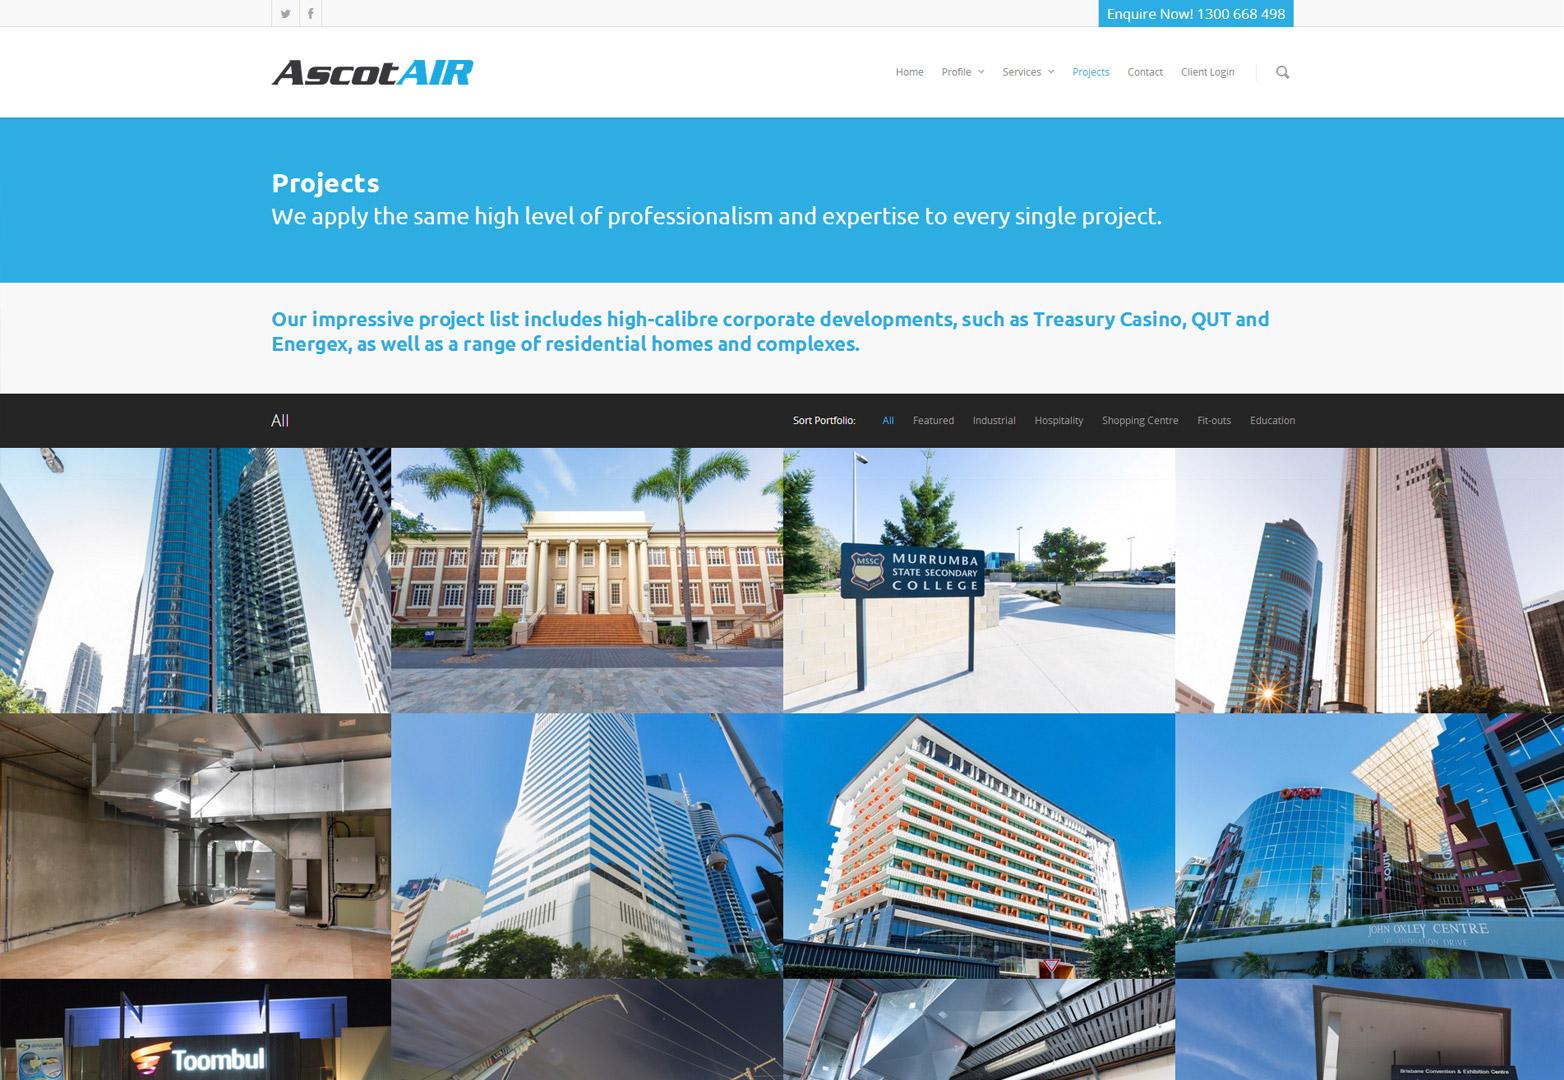 webdesign_ascotair02